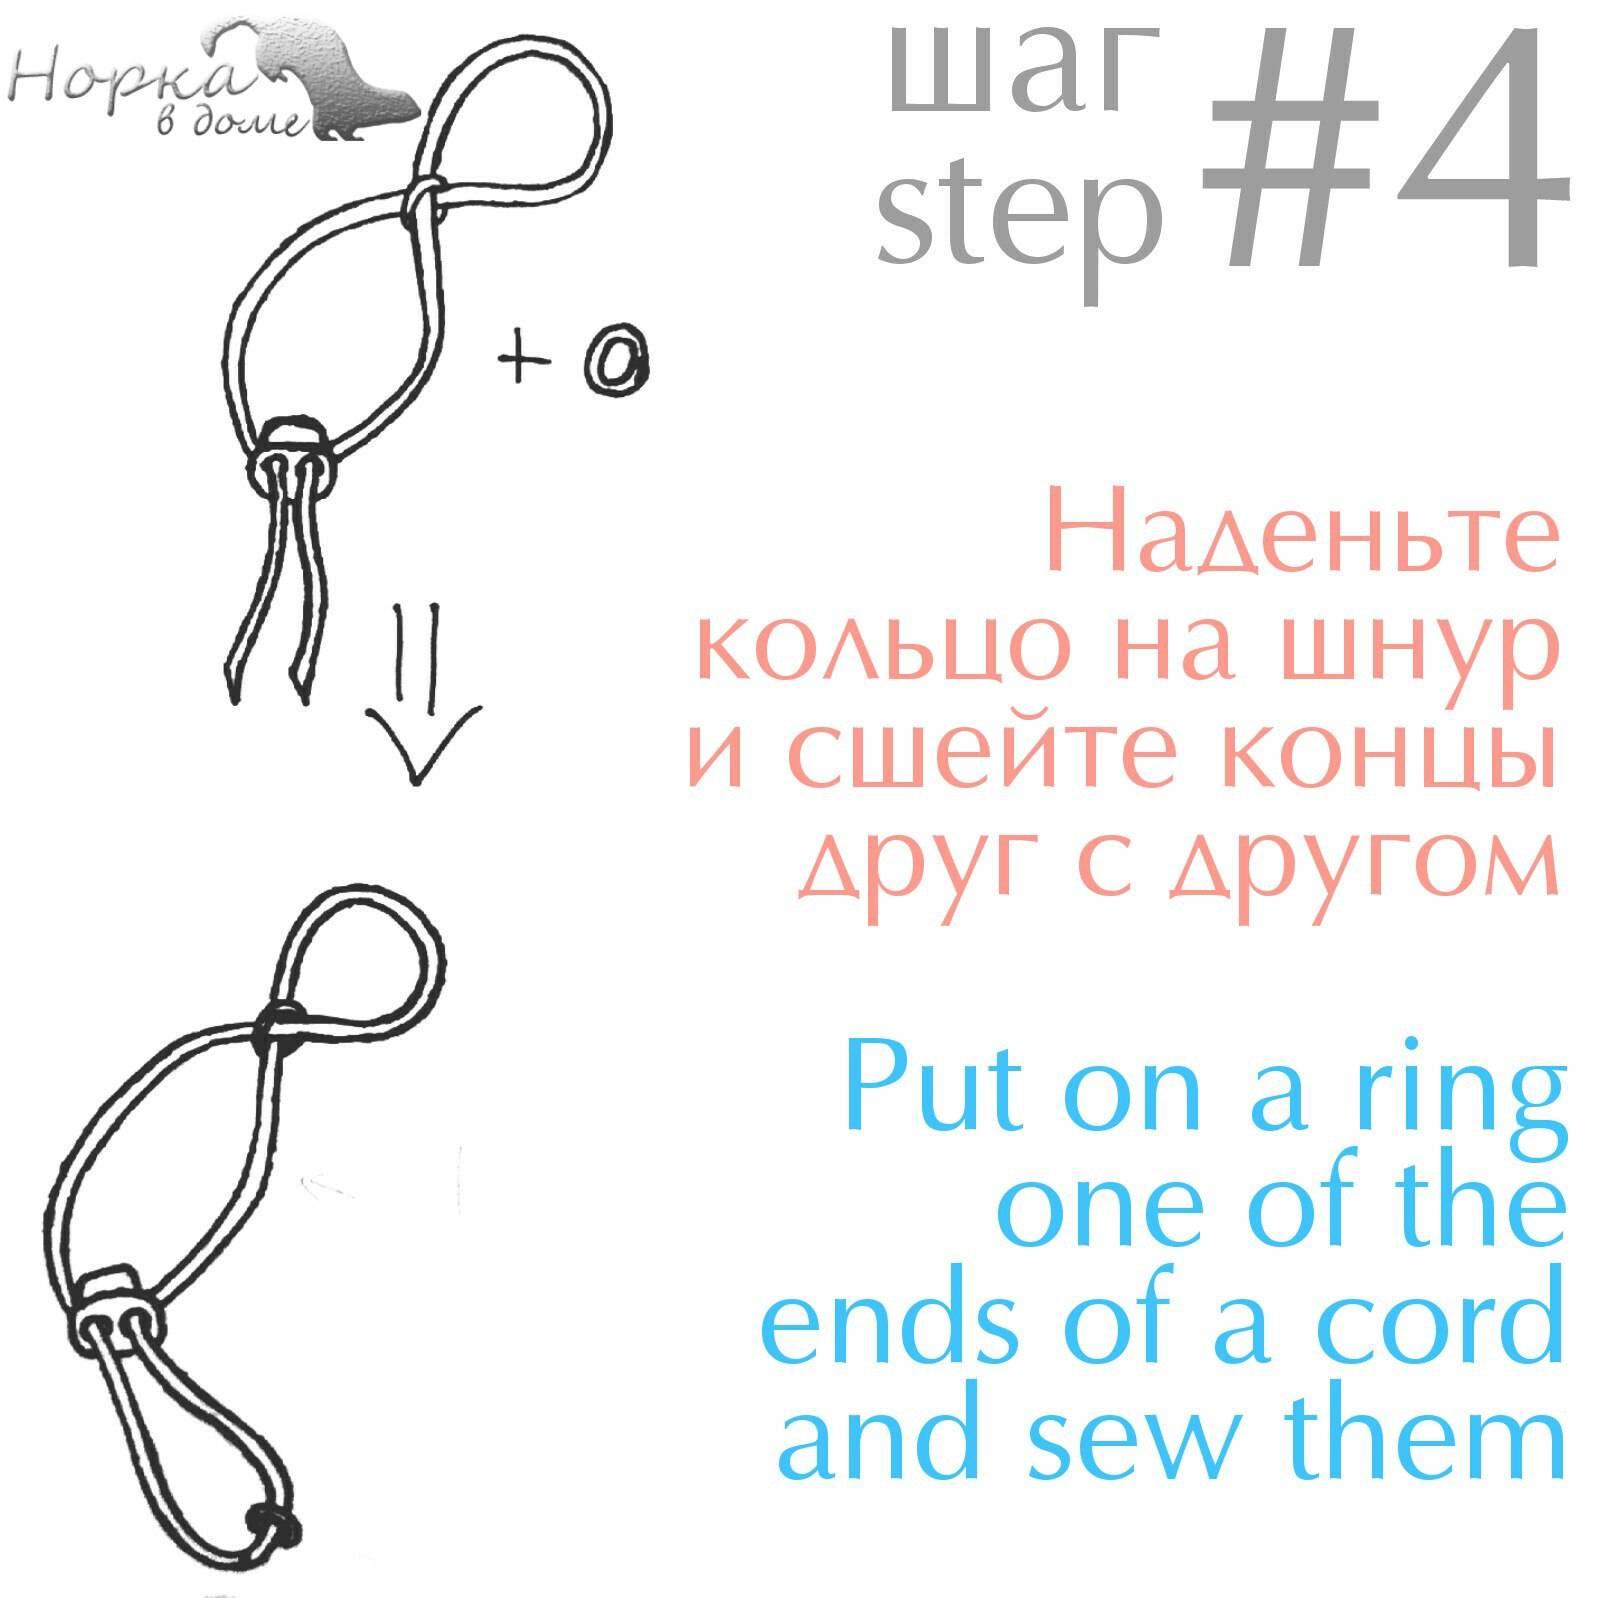 Шлейка (поводок) для хорька своими руками: как сделать